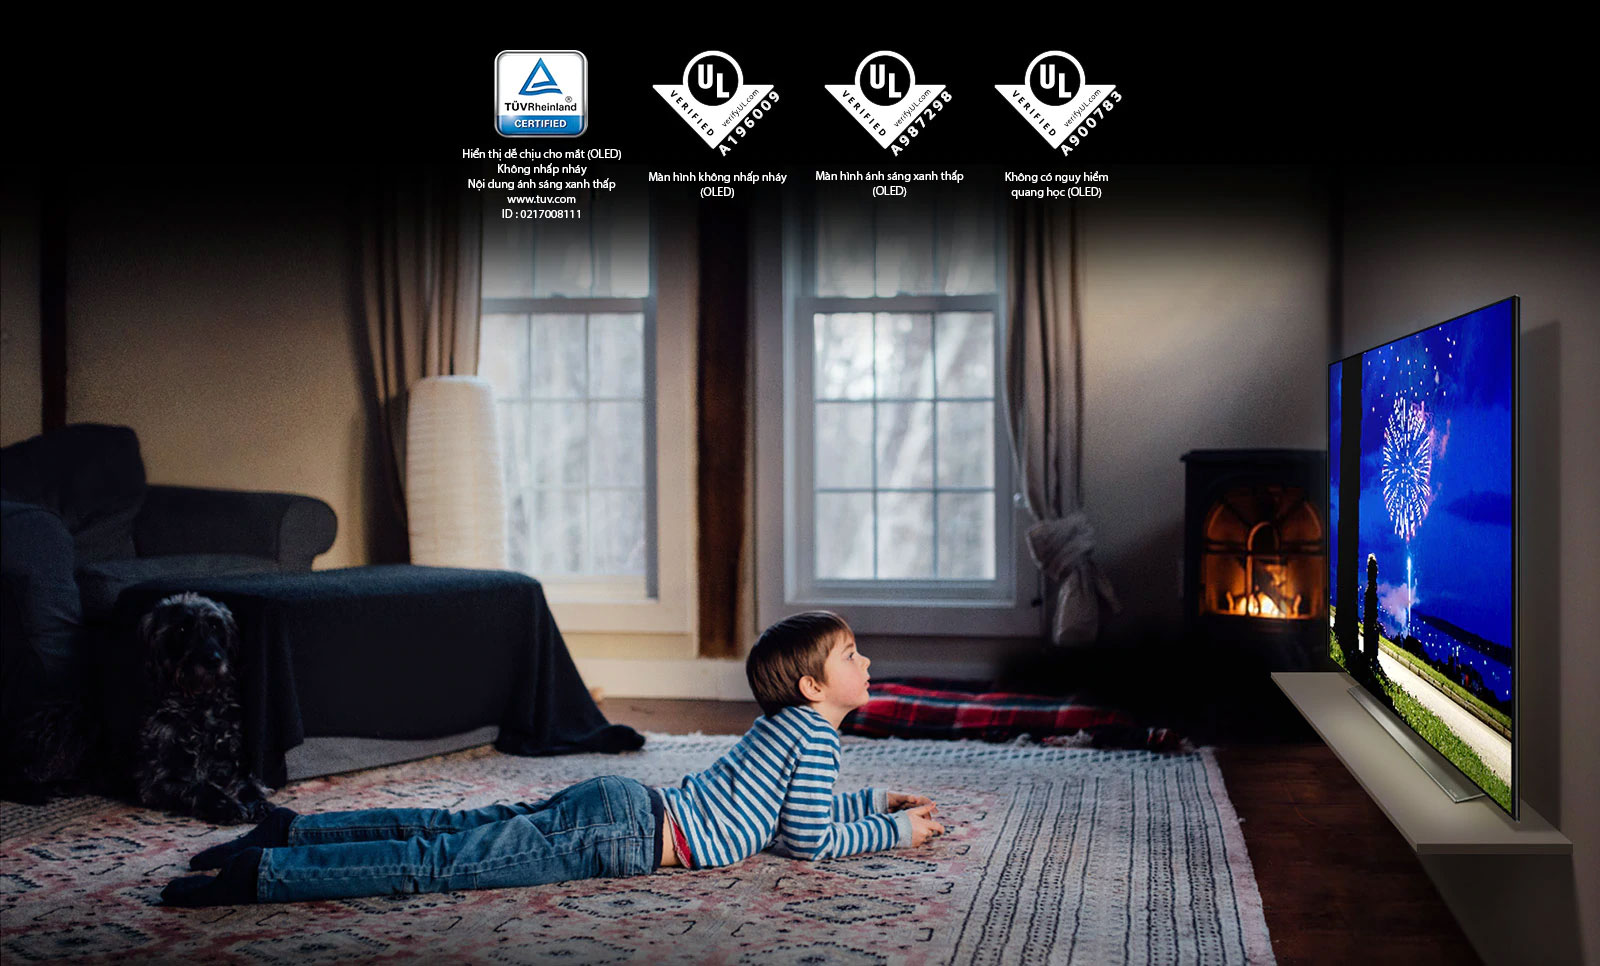 """Đây là thẻ mô tả """"""""Hiển thị dễ chịu cho mắt"""""""". Đây là cảnh một cậu bé xem TV ở tư thế nằm sấp. Bốn logo được hiển thị để chứng nhận """"""""Hiển thị dễ chịu cho mắt""""""""."""